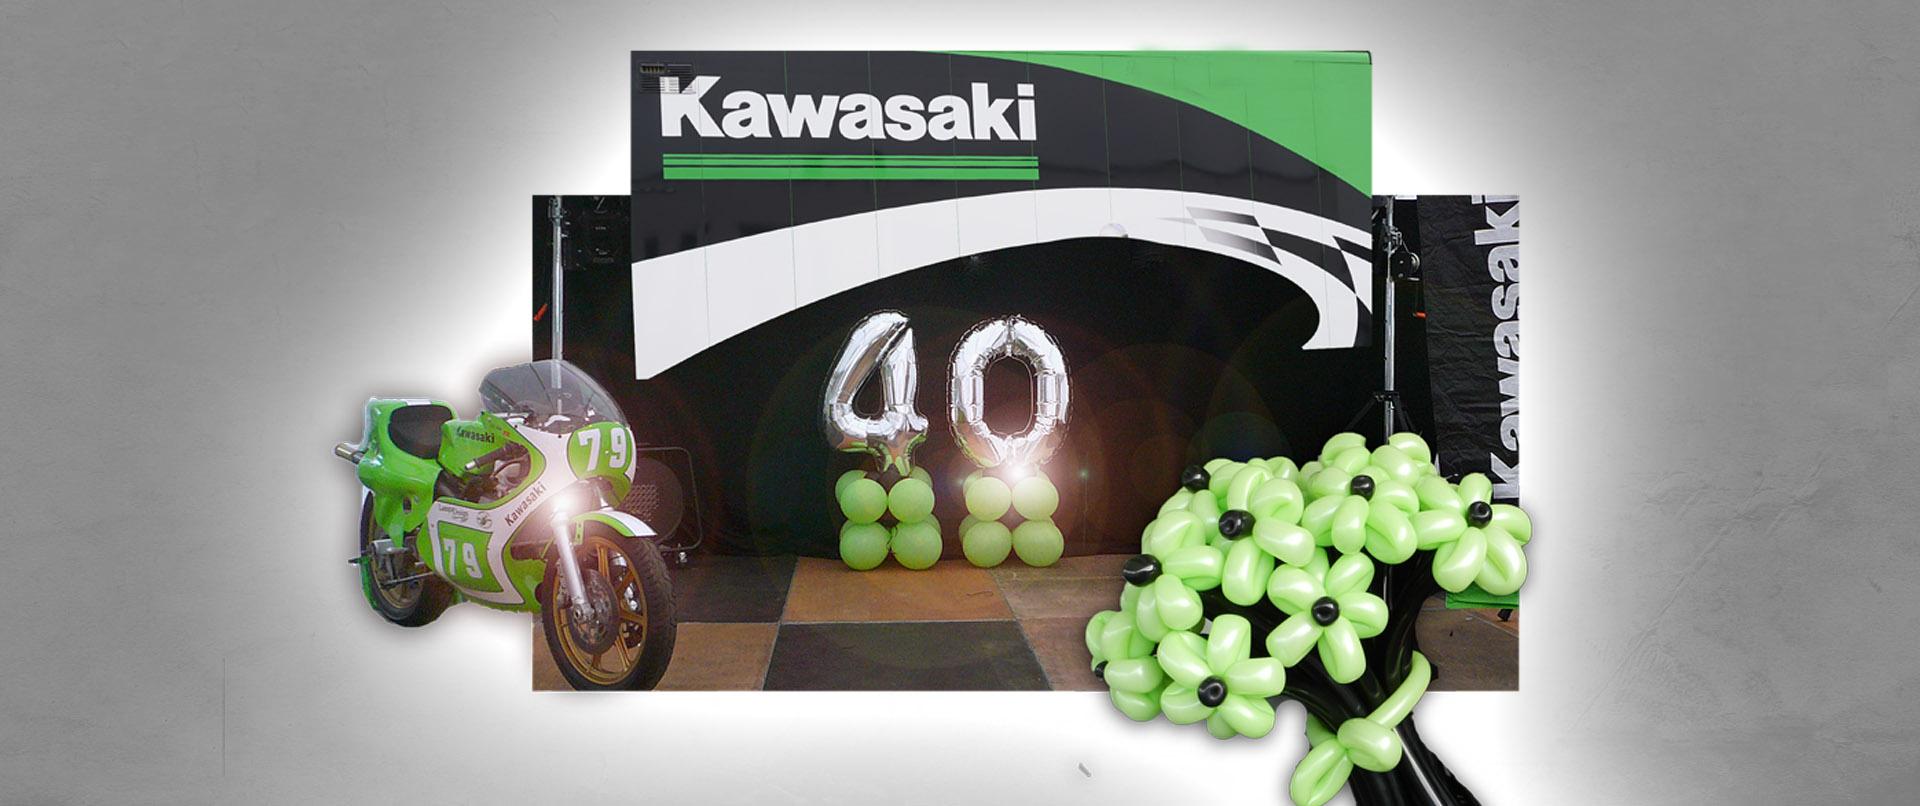 Luftballon-Dekoration 40-jährigens Jubiläum Kawasaki Deutschland